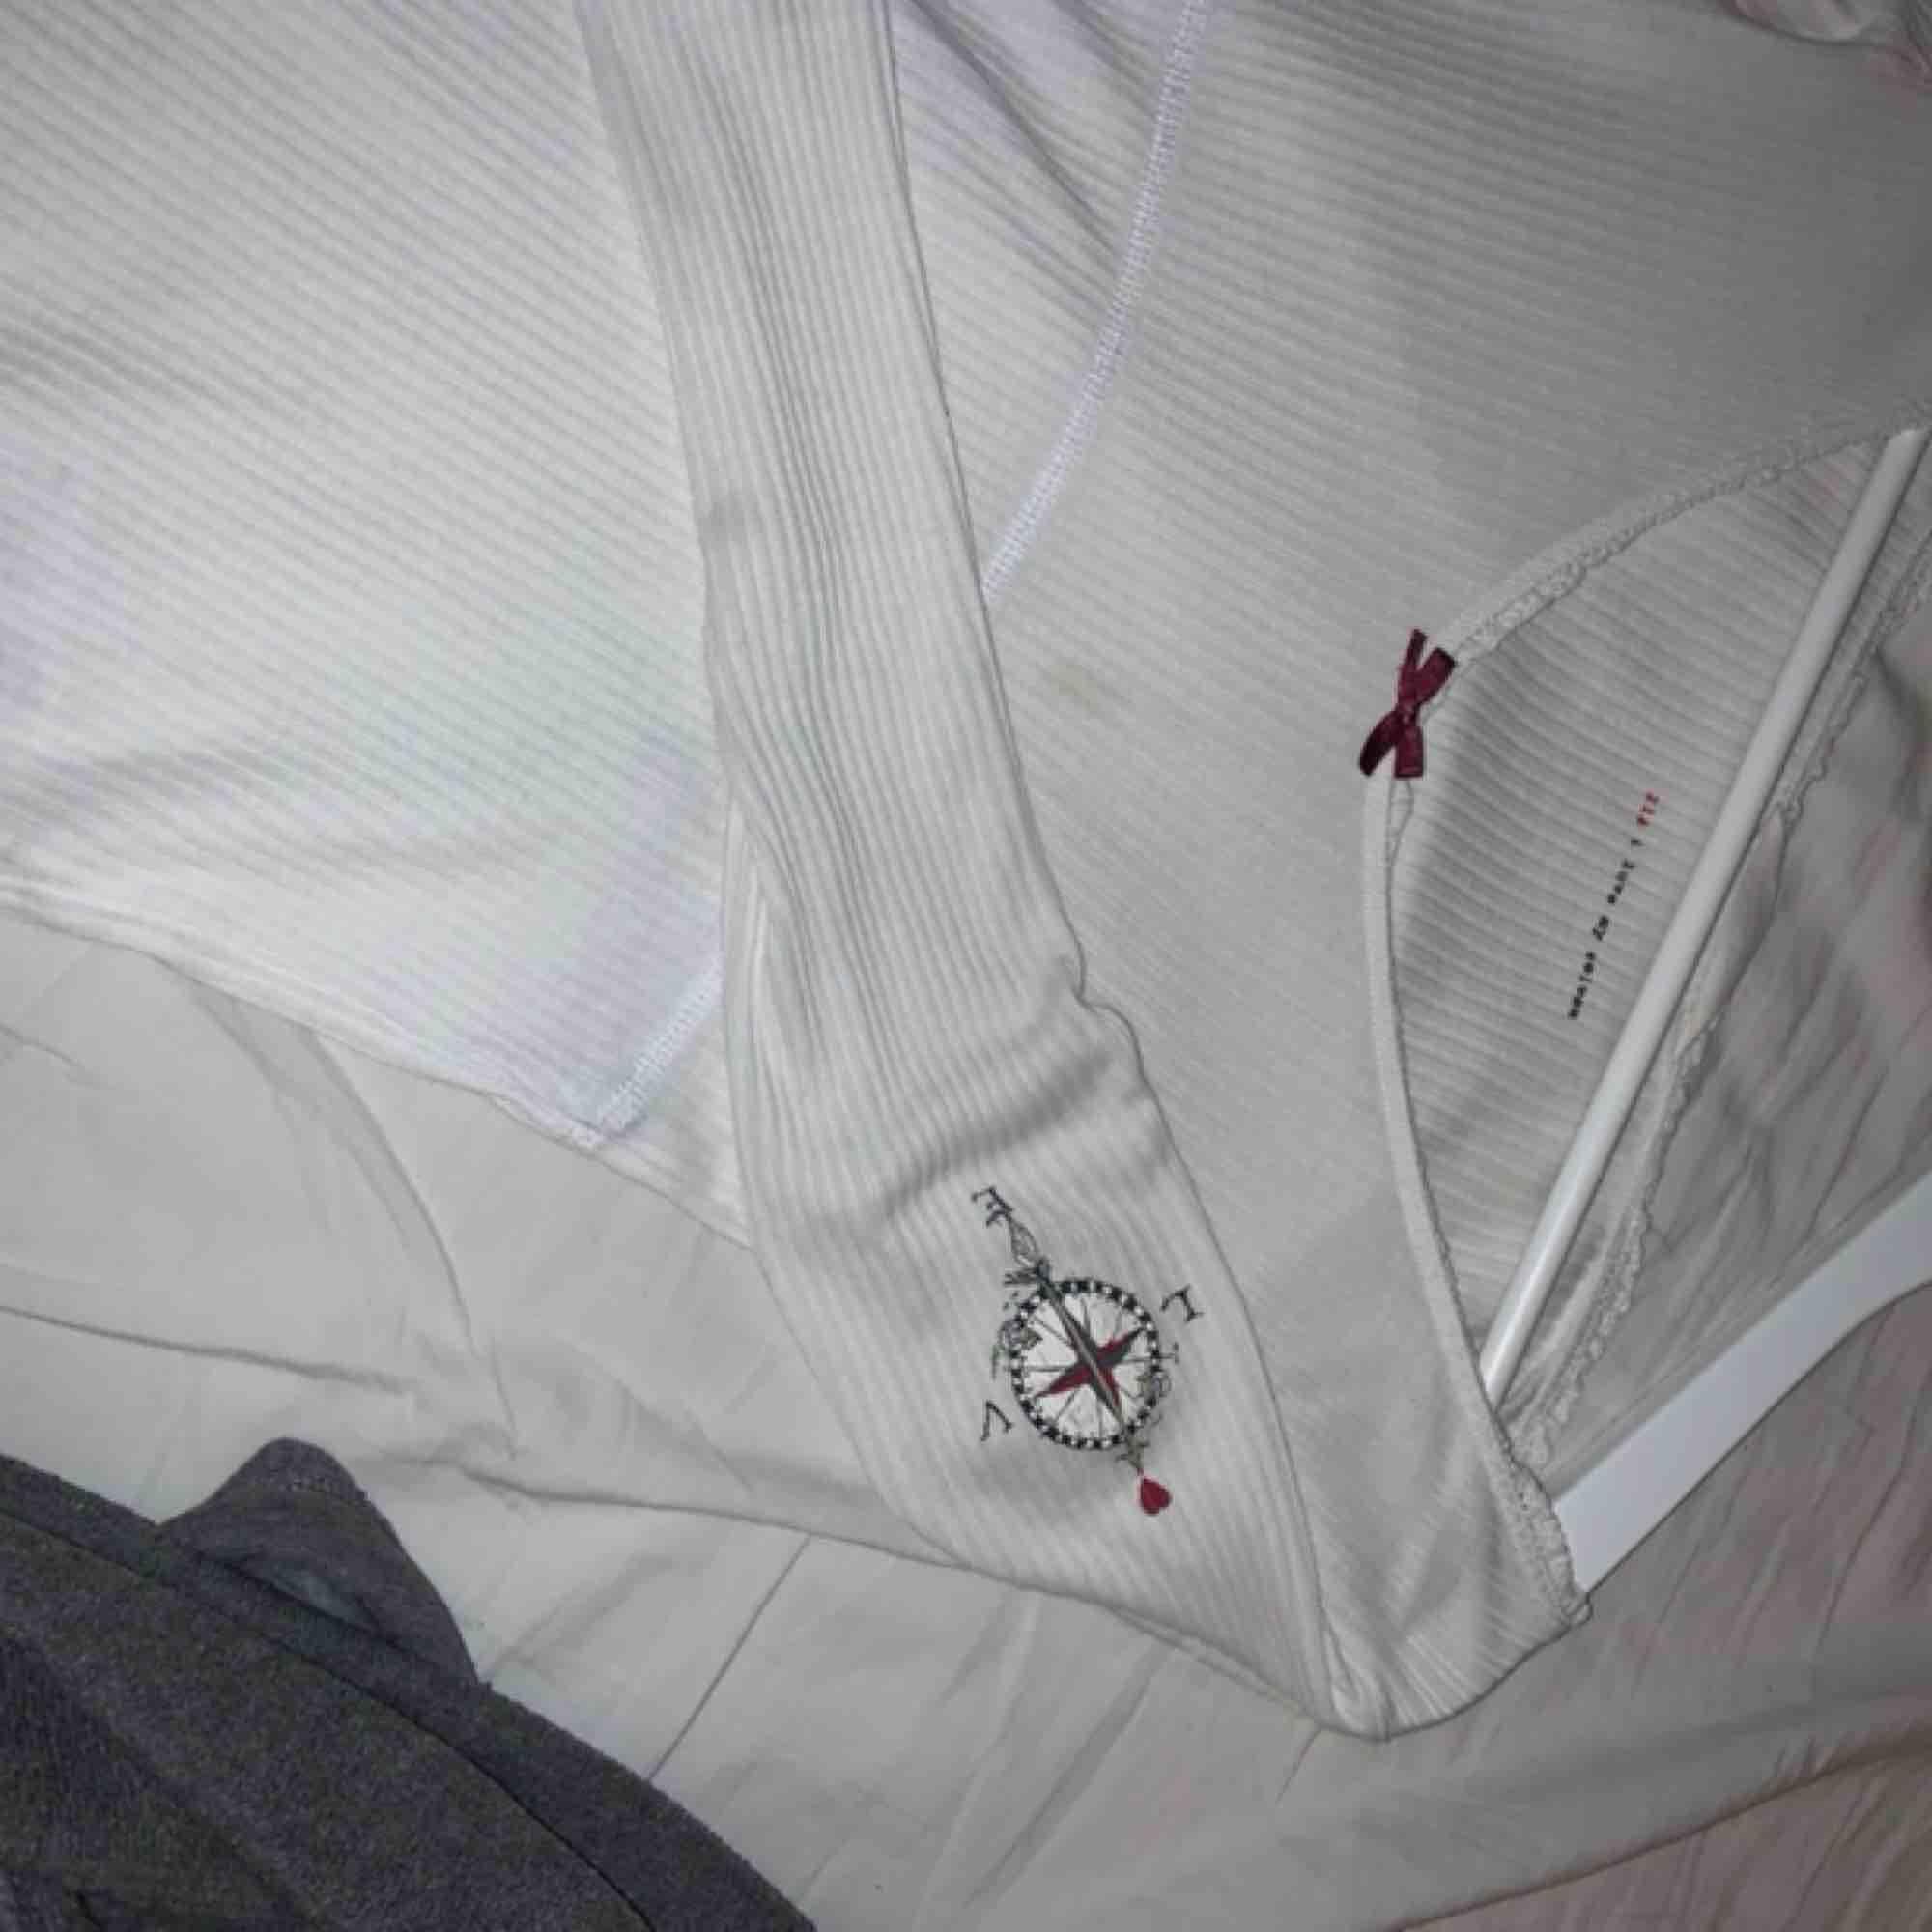 Vit Odd Molly tröja, ganska stor i storleken så skulle säga att den passar en S/M. Toppar.